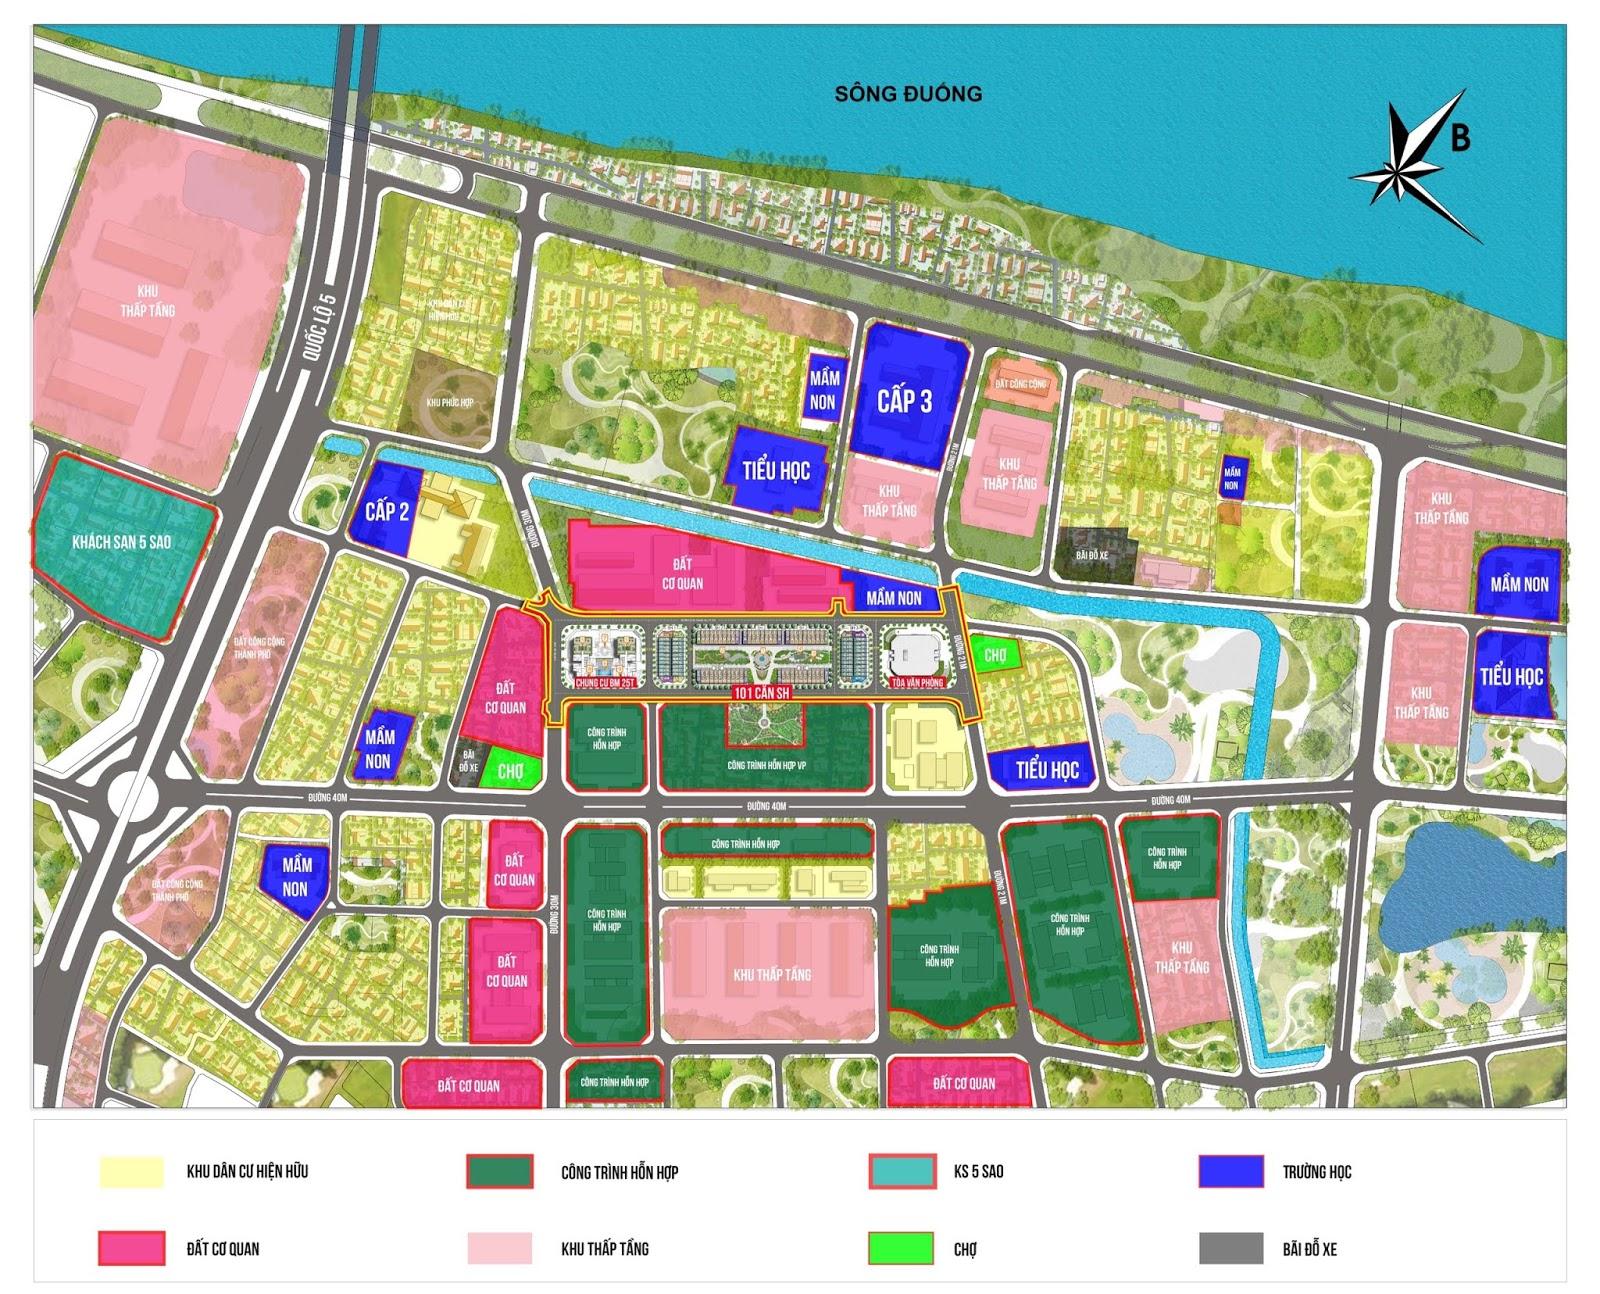 Bình Minh Garden nằm trên bản đồ khu đô thị N10!